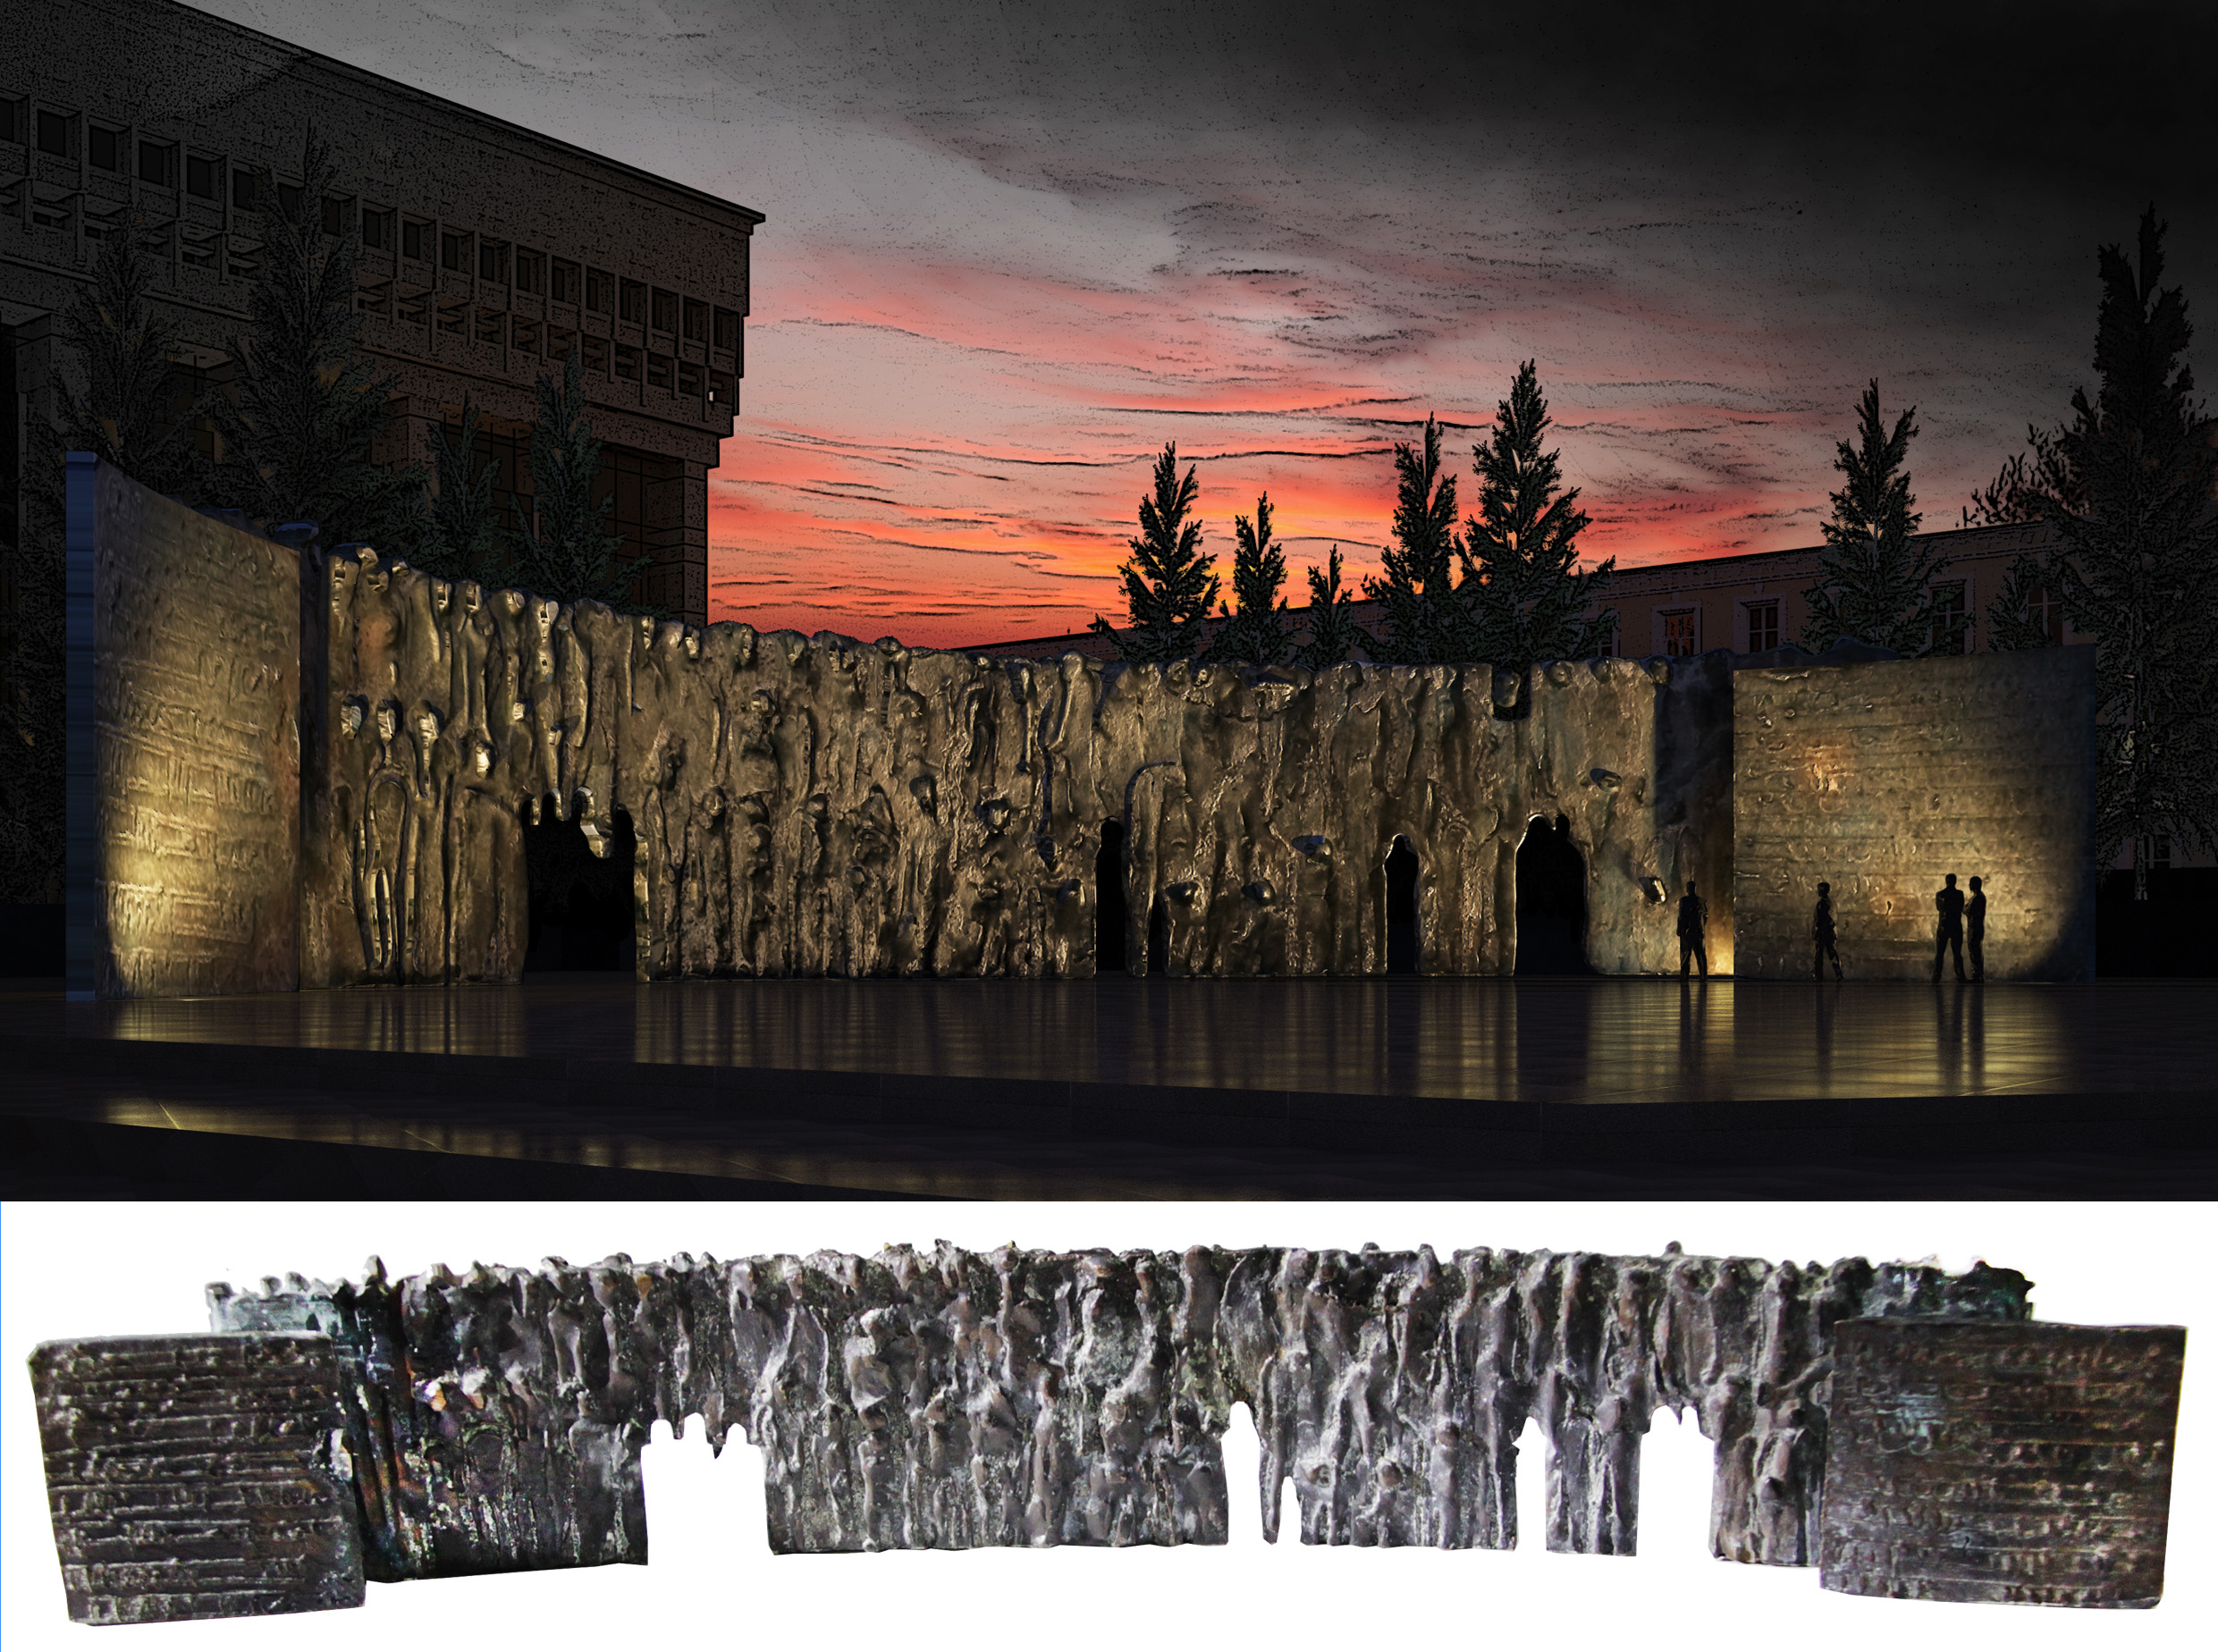 Фонд Памяти запустил кампанию по сбору средств на монумент «Стена скорби» в Москве